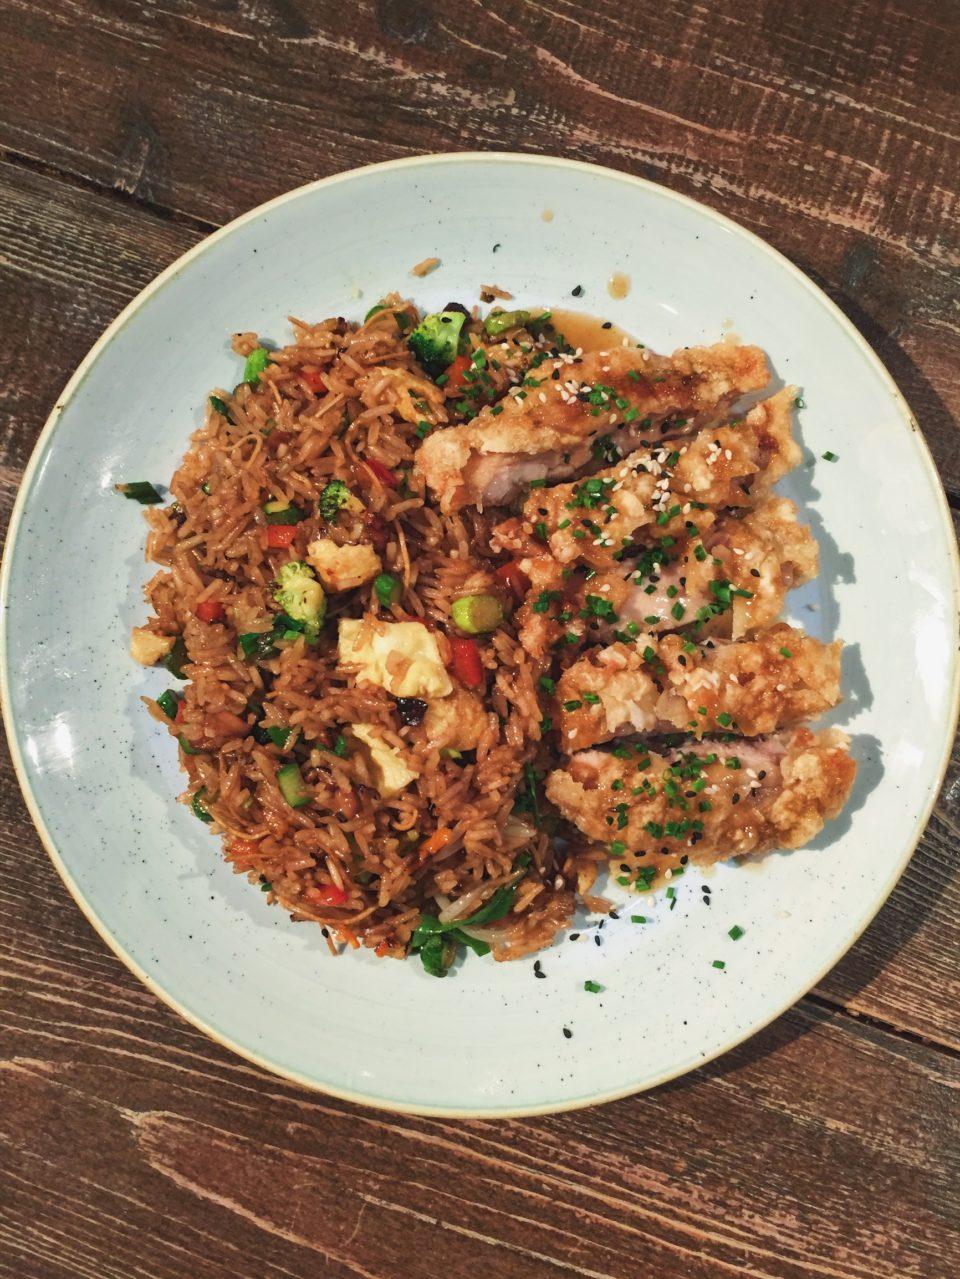 Arroz al wok con pollo del restaurante Totora